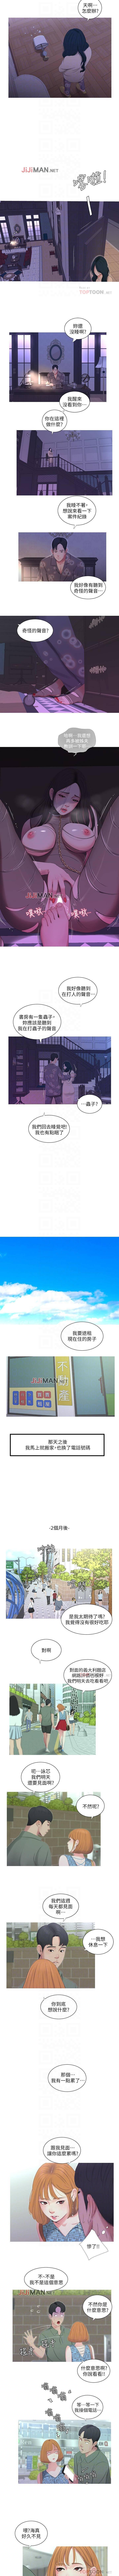 【周四连载】亲家四姐妹(作者:愛摸) 第1~37话 60